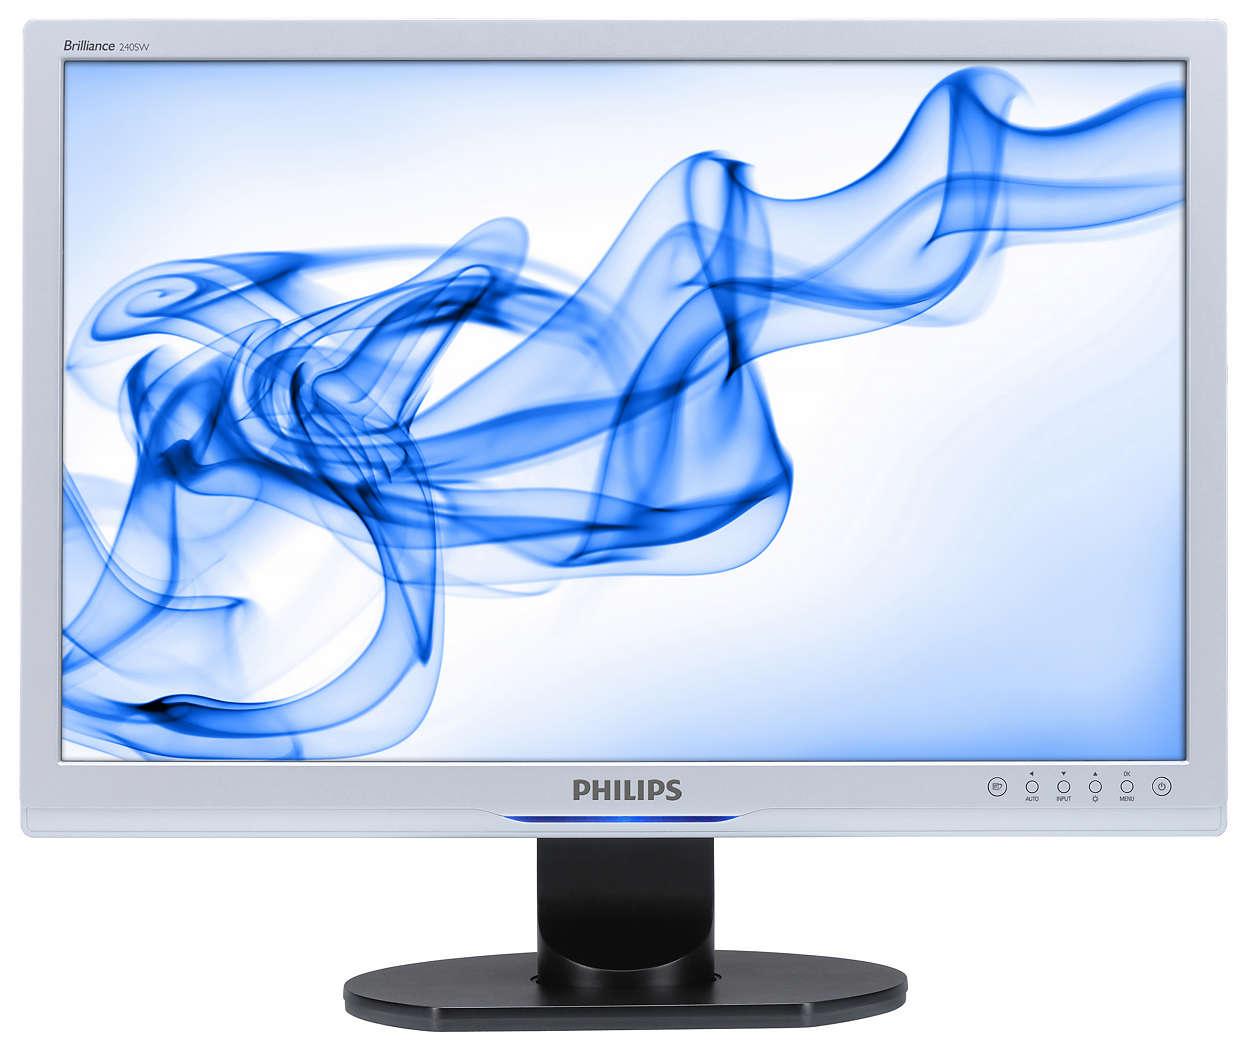 Großer Breitbild-Monitor für bessere Unternehmensproduktivität